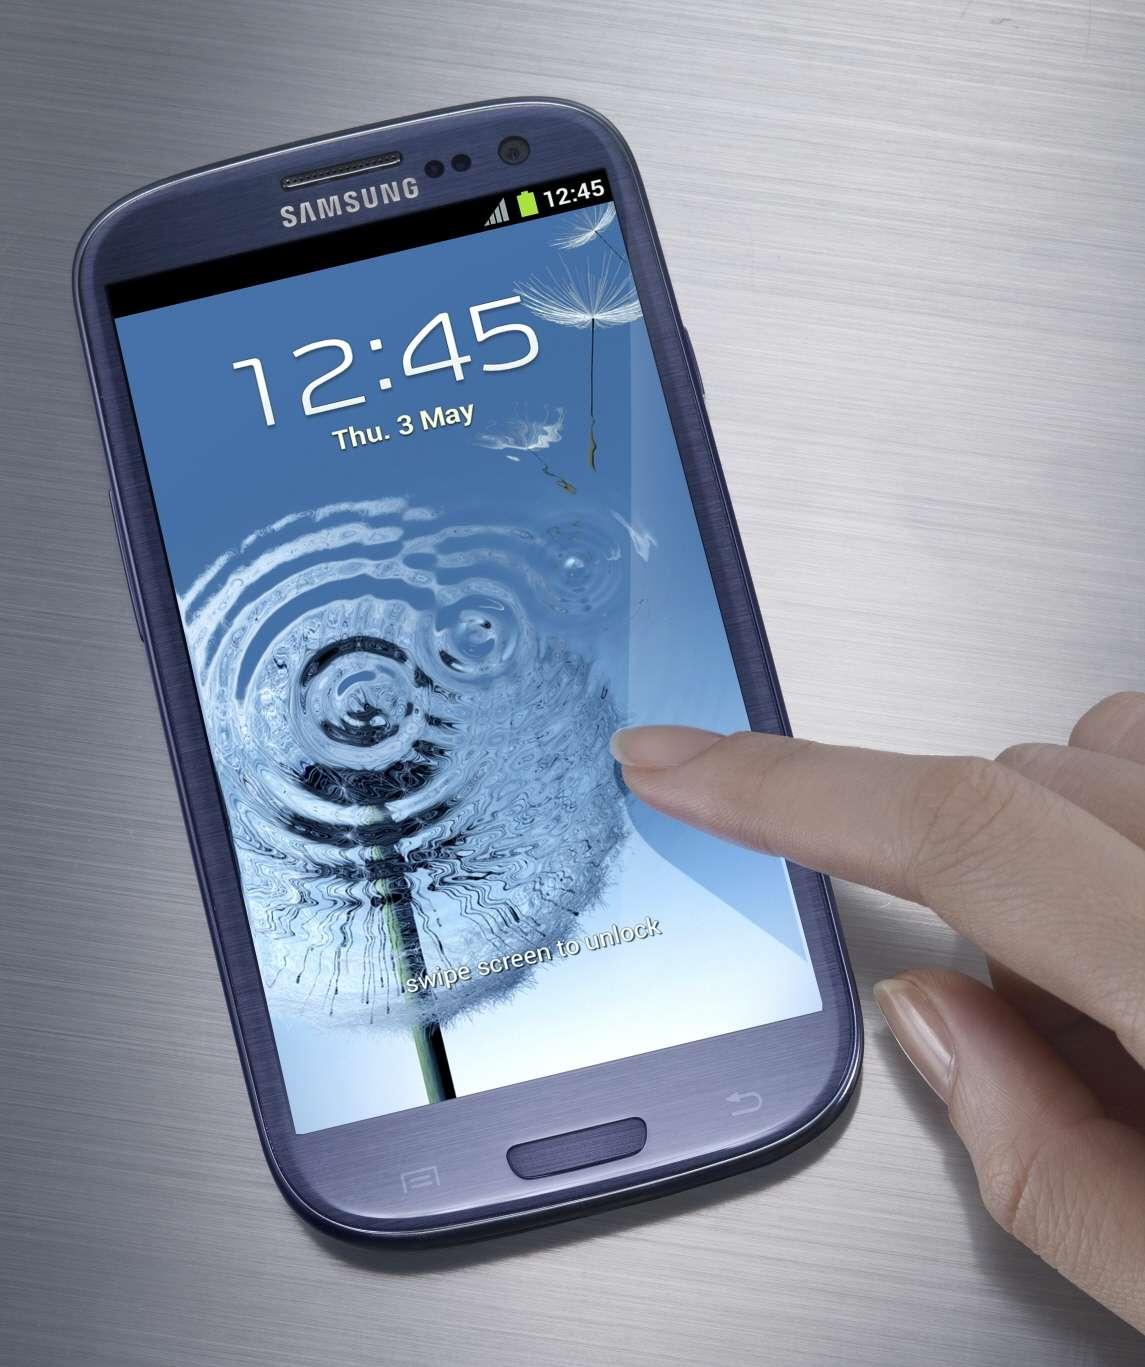 Les smartphones Samsung Galaxy S3 fonctionnant sous Android semblaient être les seuls concernés par cette faille de sécurité exploitant le protocole USSD. Si effectivement l'interface utilisateur maison de Samsung facilite le processus, de nombreux téléphones fonctionnant avec une version d'Android non mise à jour sont touchés par le phénomène. © Samsung